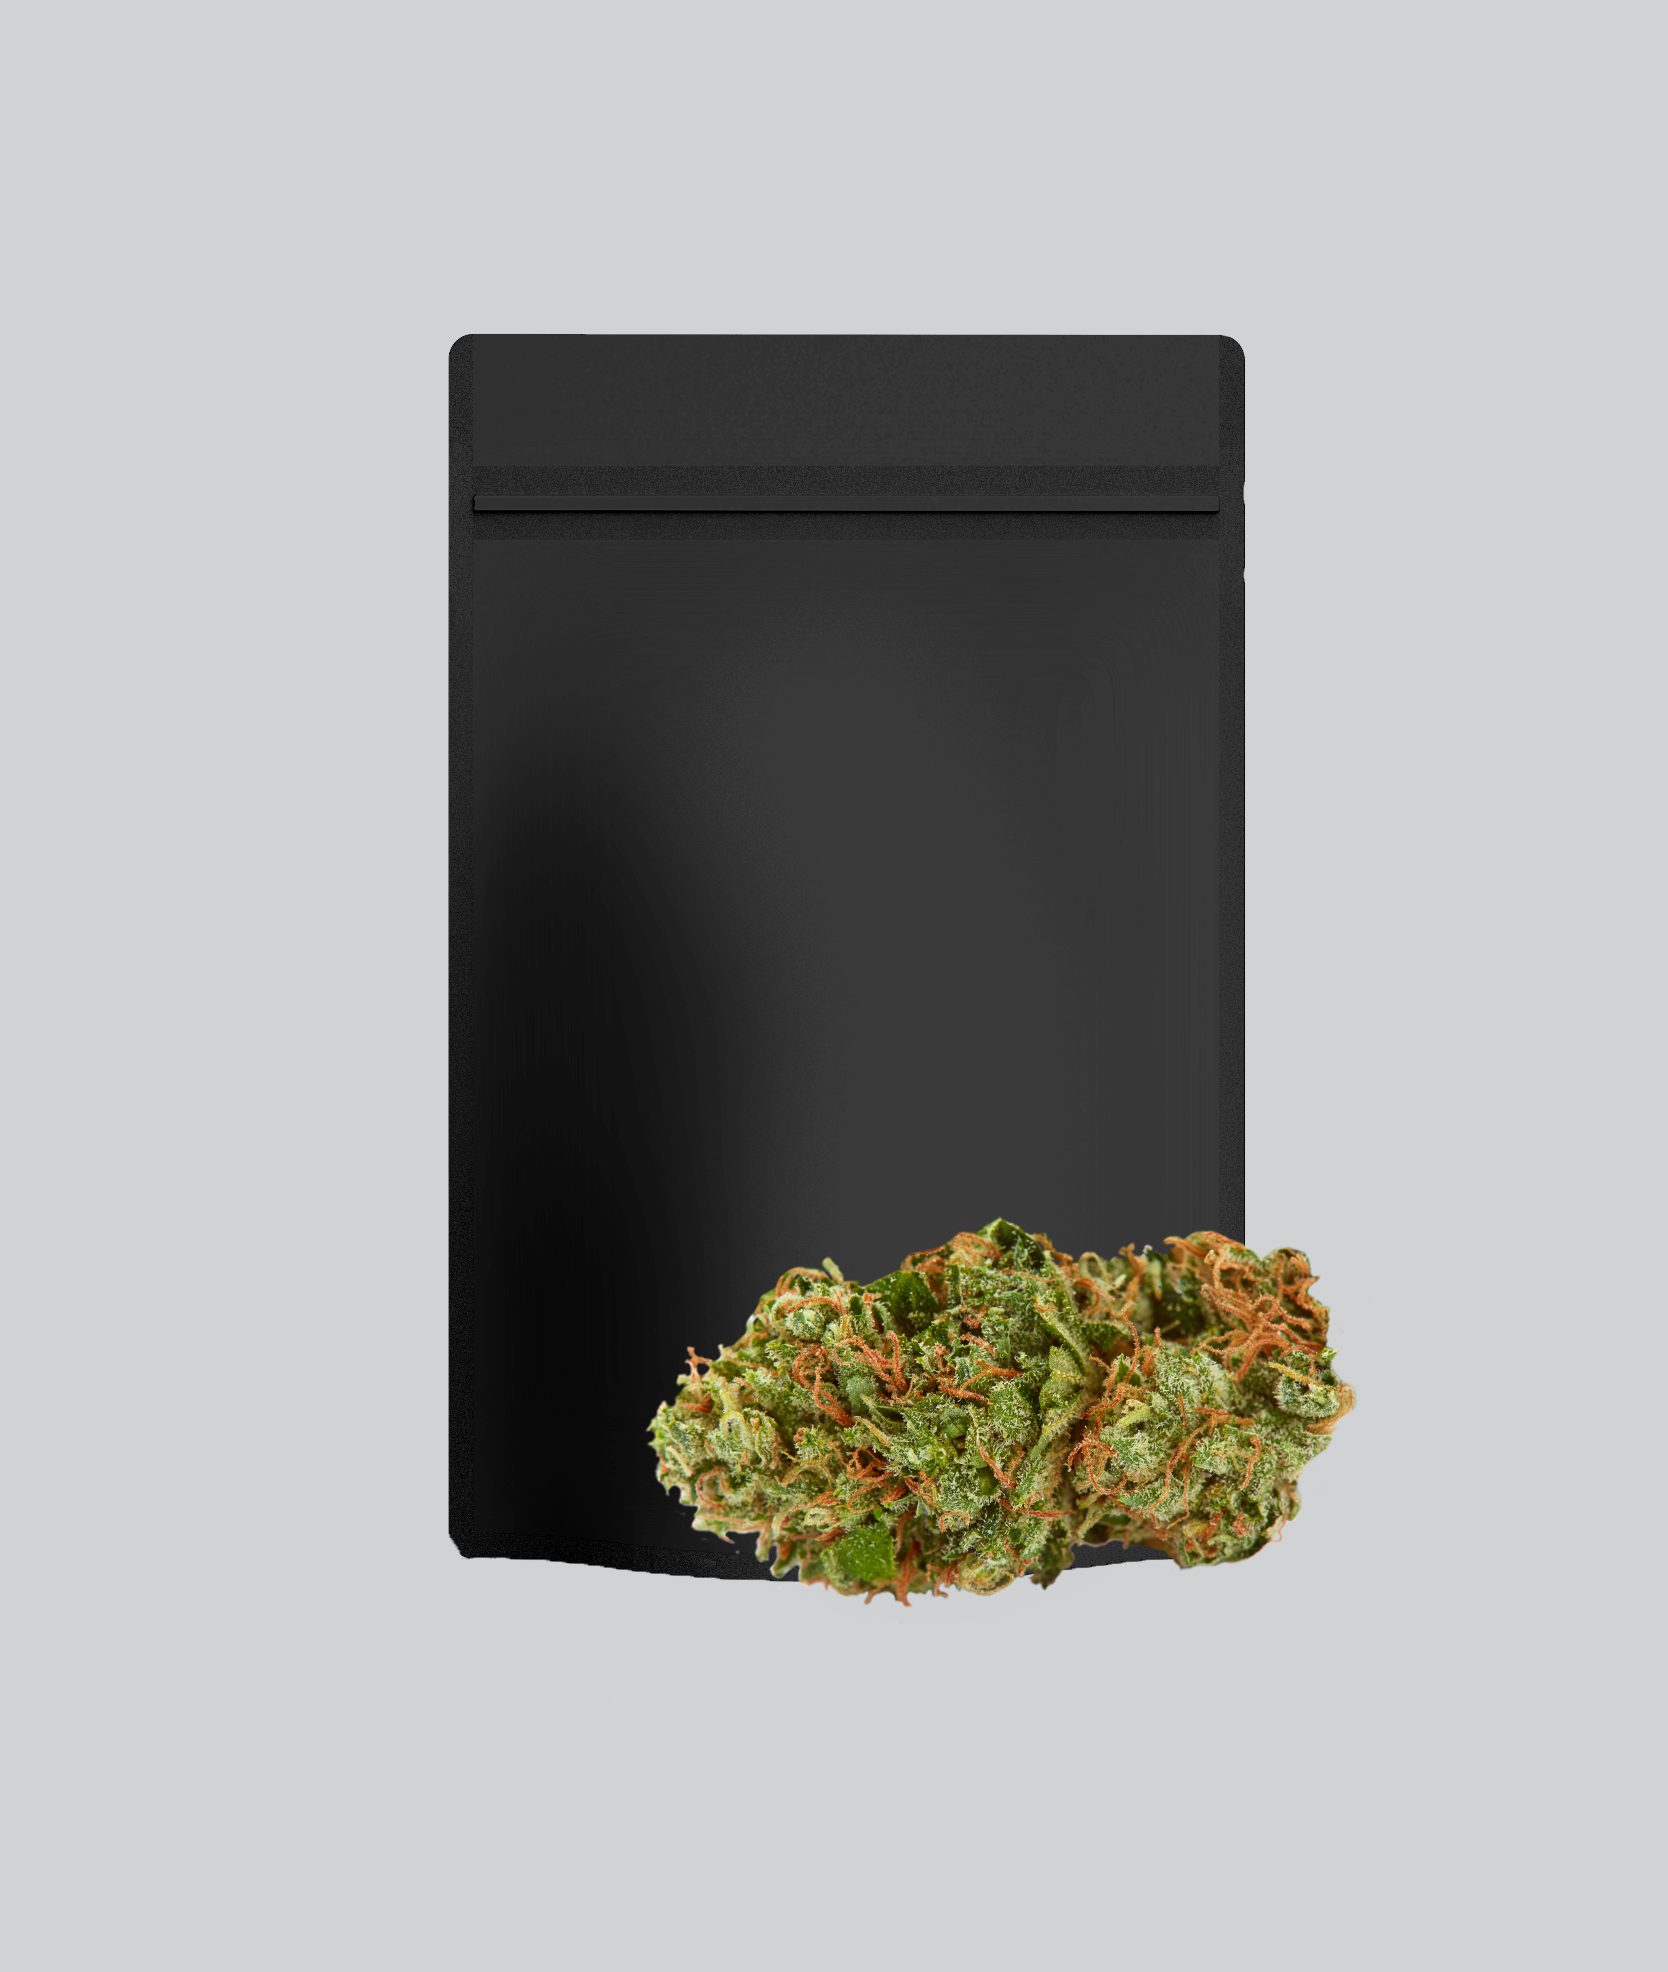 Reddot-custom-packaging-bags-flower